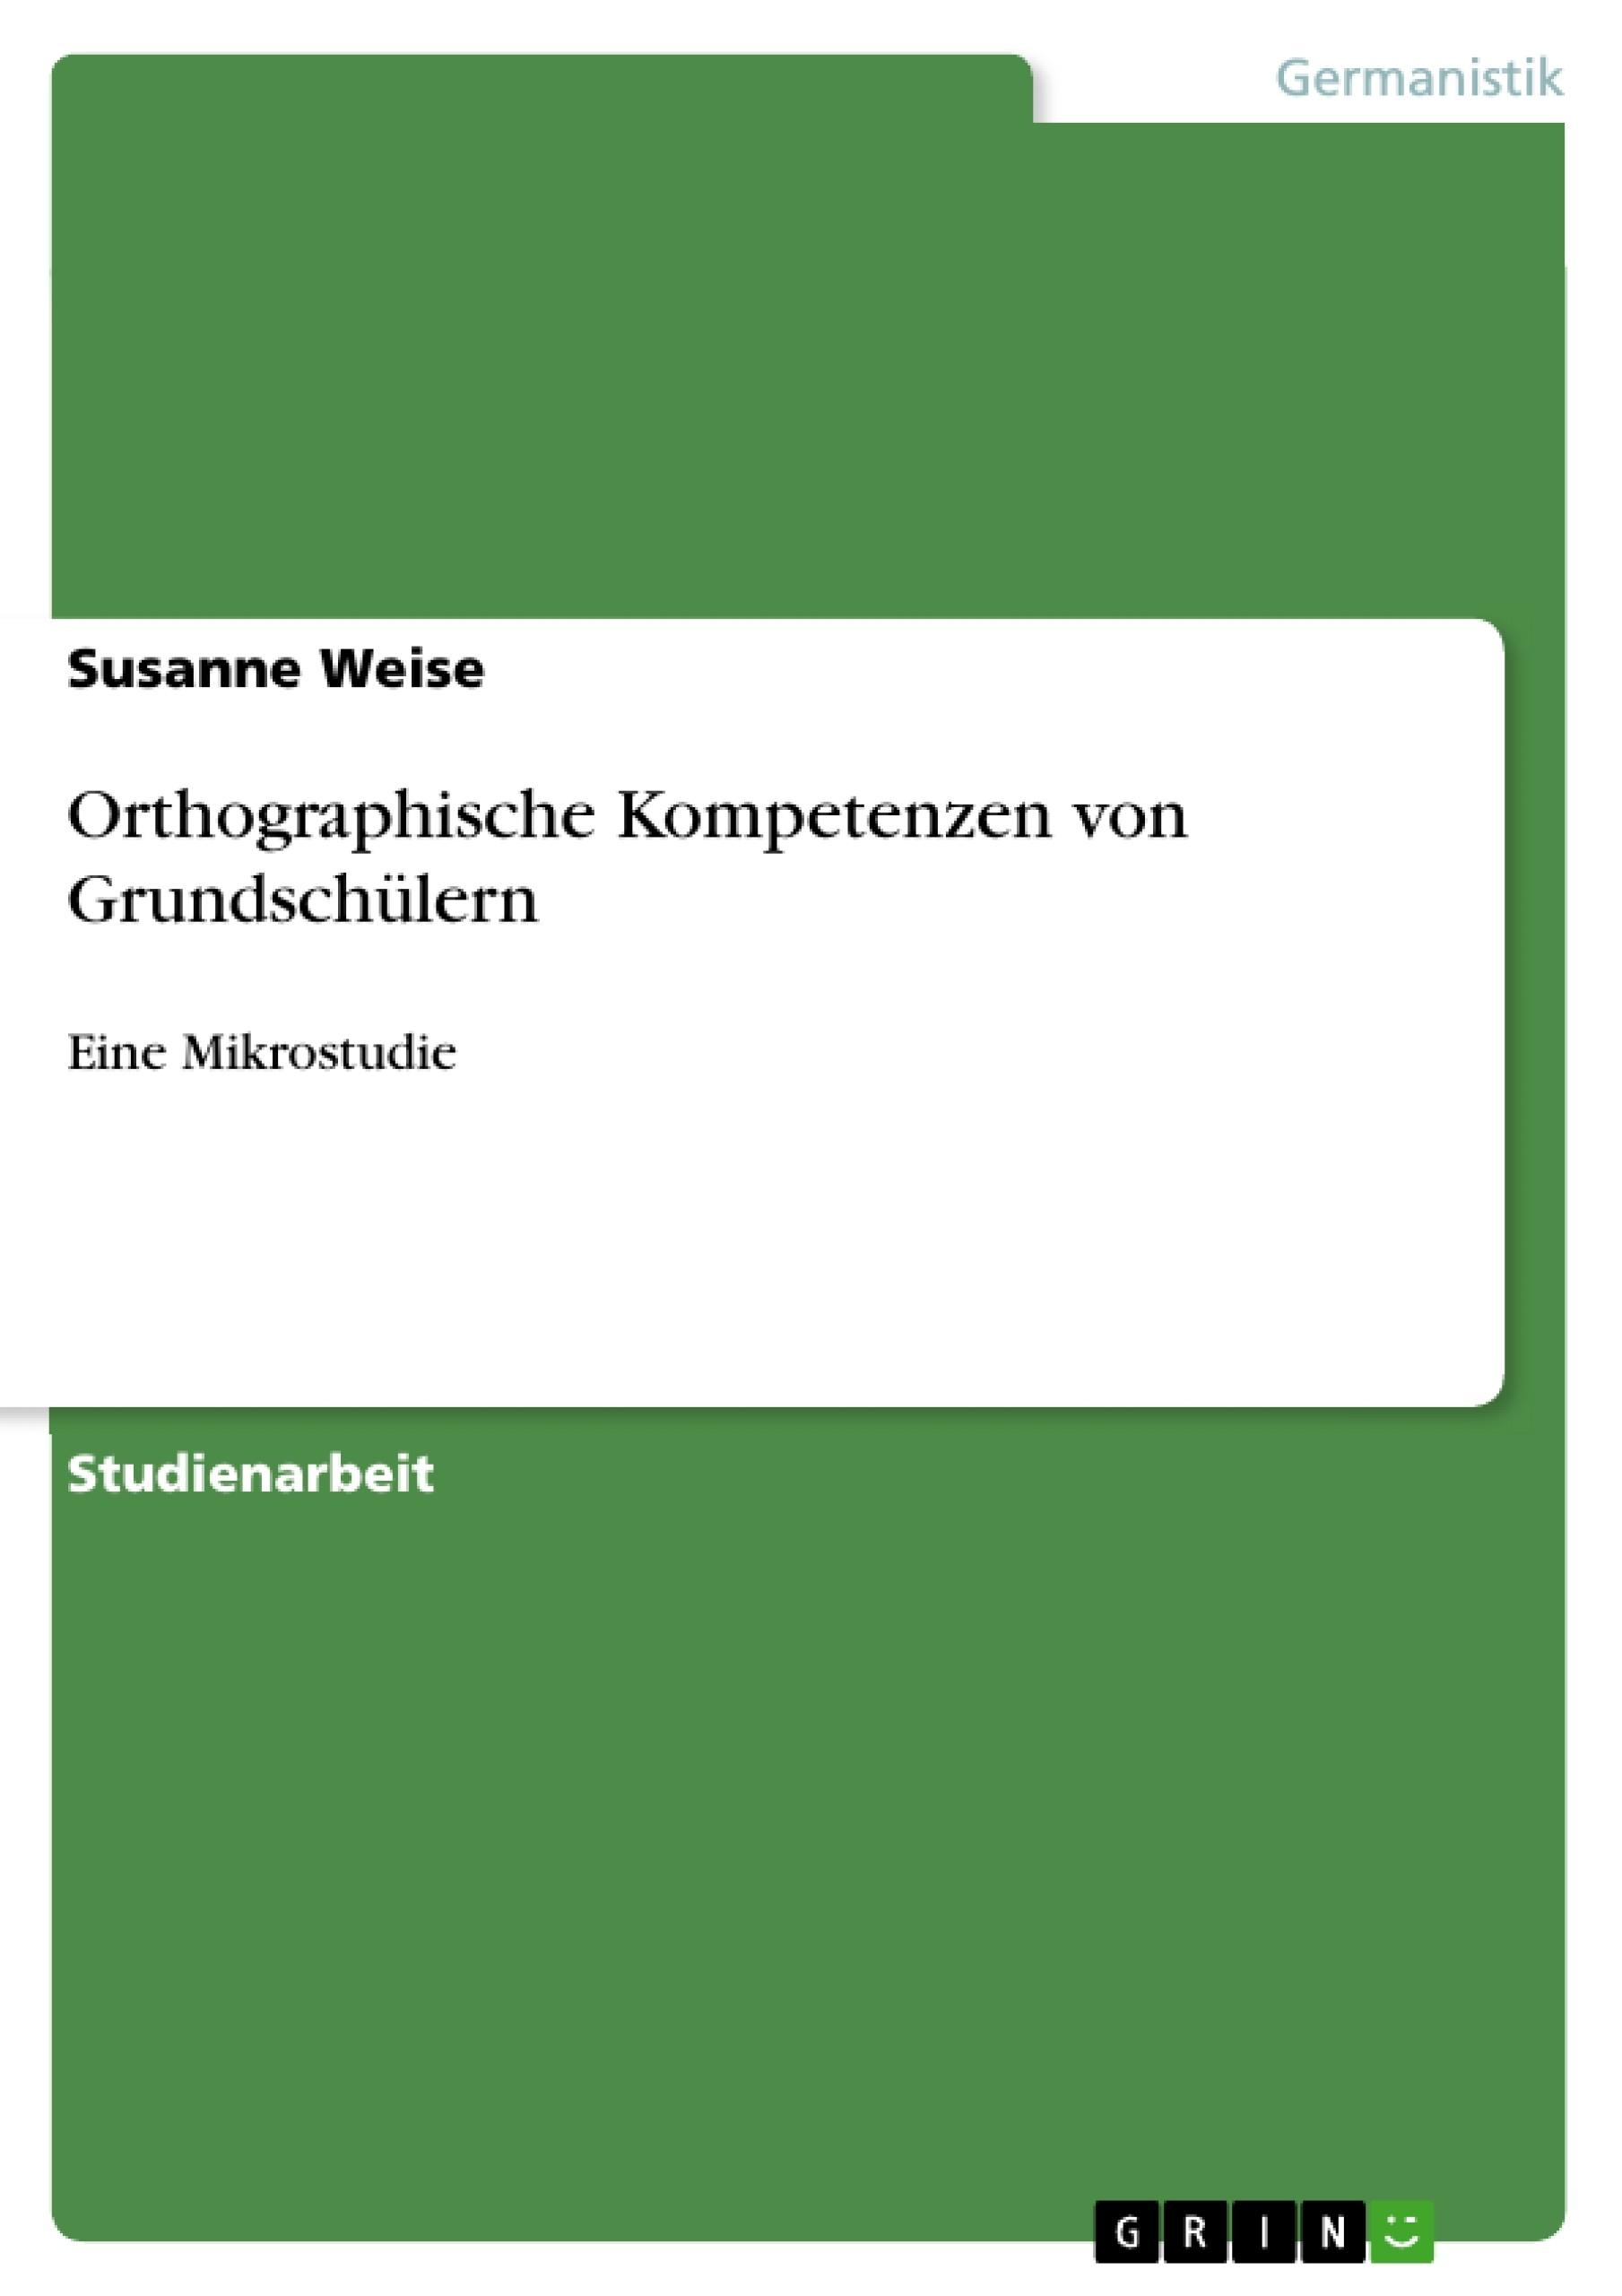 Titel: Orthographische Kompetenzen von Grundschülern